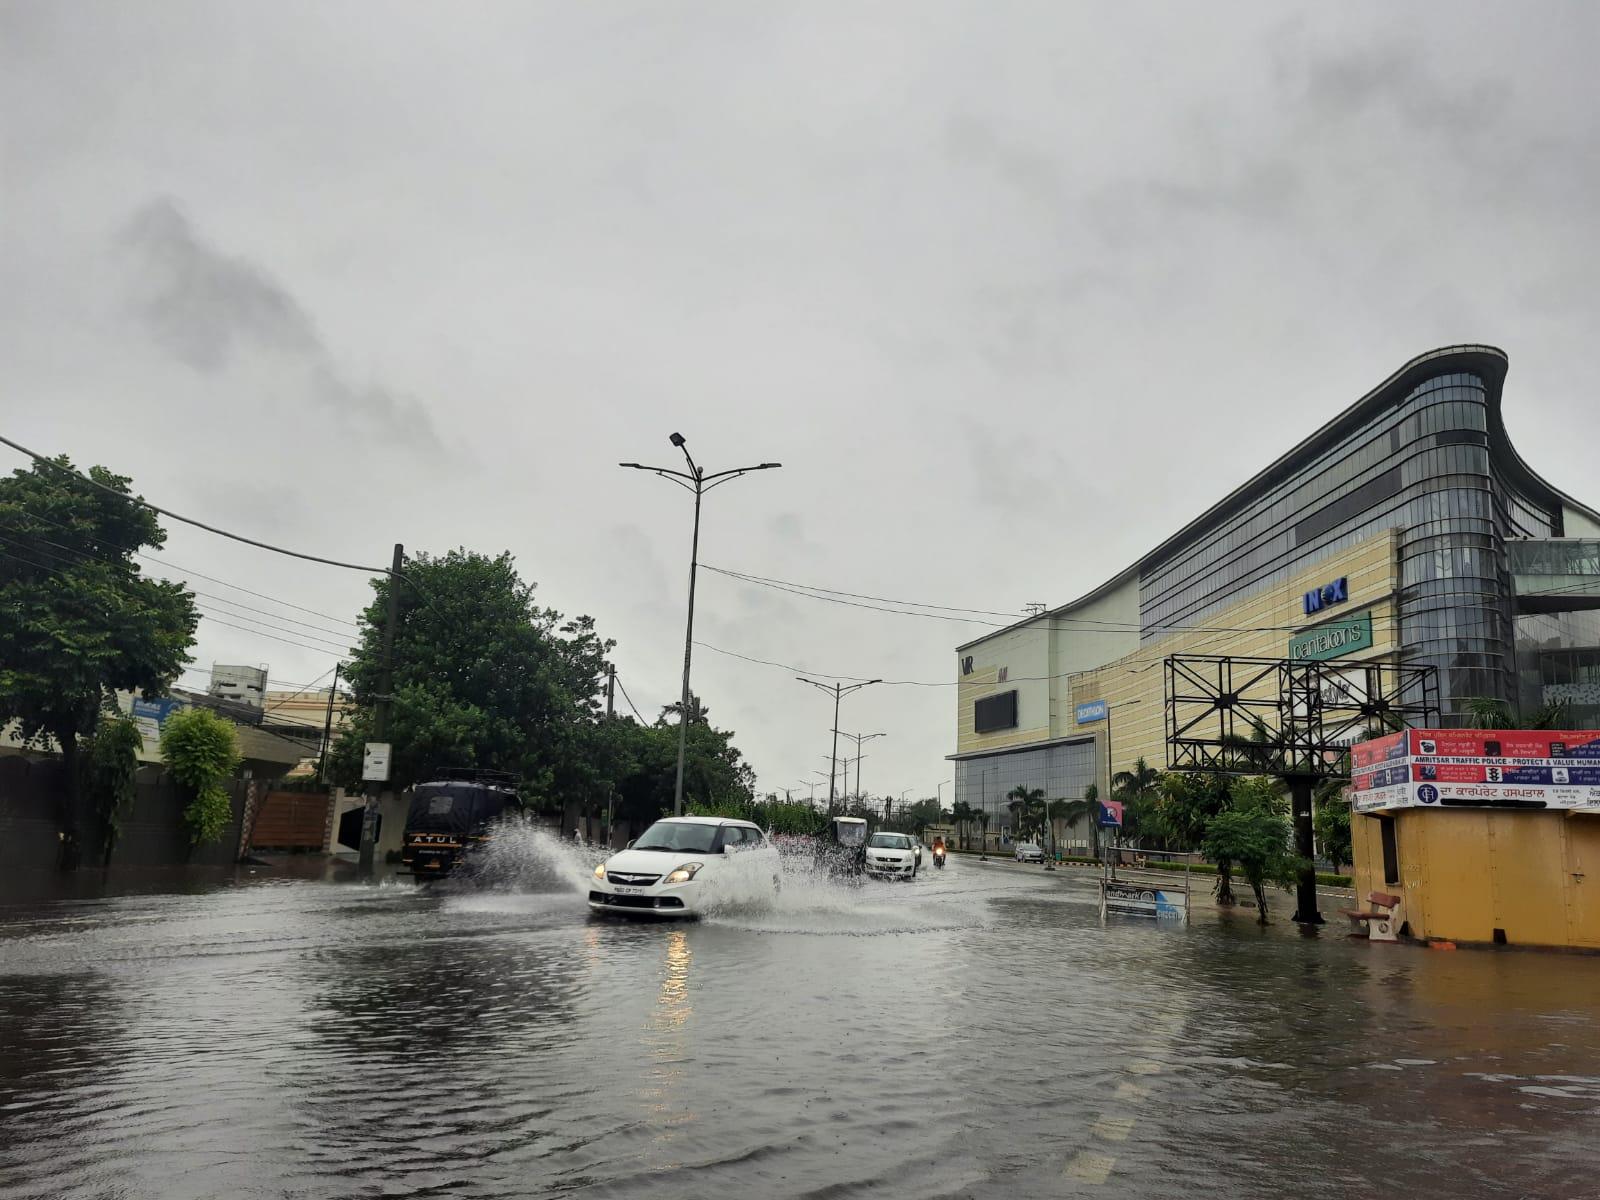 56.2 एमएम बारिश के बादशहर के अधिकतम तापमान में 7 डिग्री की गिरावट दर्ज, कई जगह जलजमाव|पंजाब,Punjab - Dainik Bhaskar